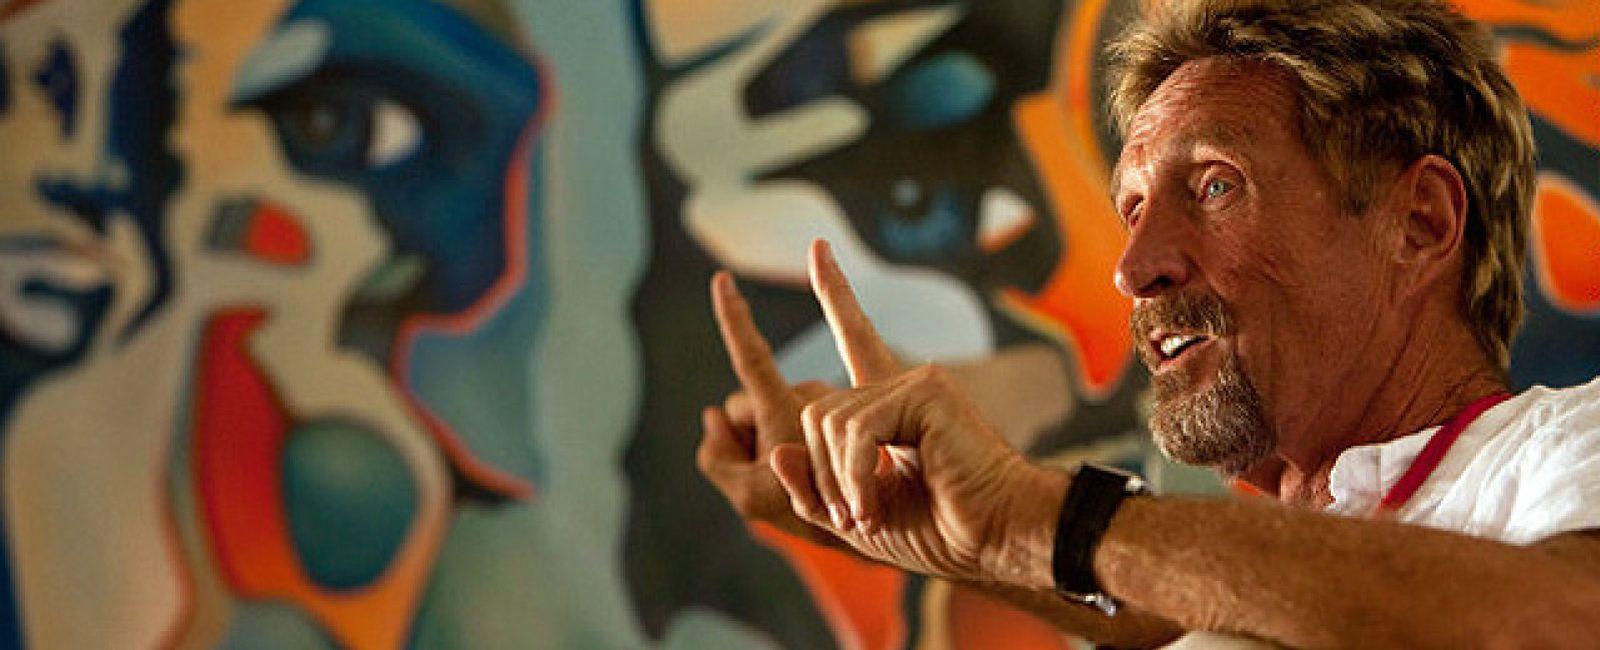 Foto: John McAfee, de 'rey del antivirus' a sospechoso de asesinato